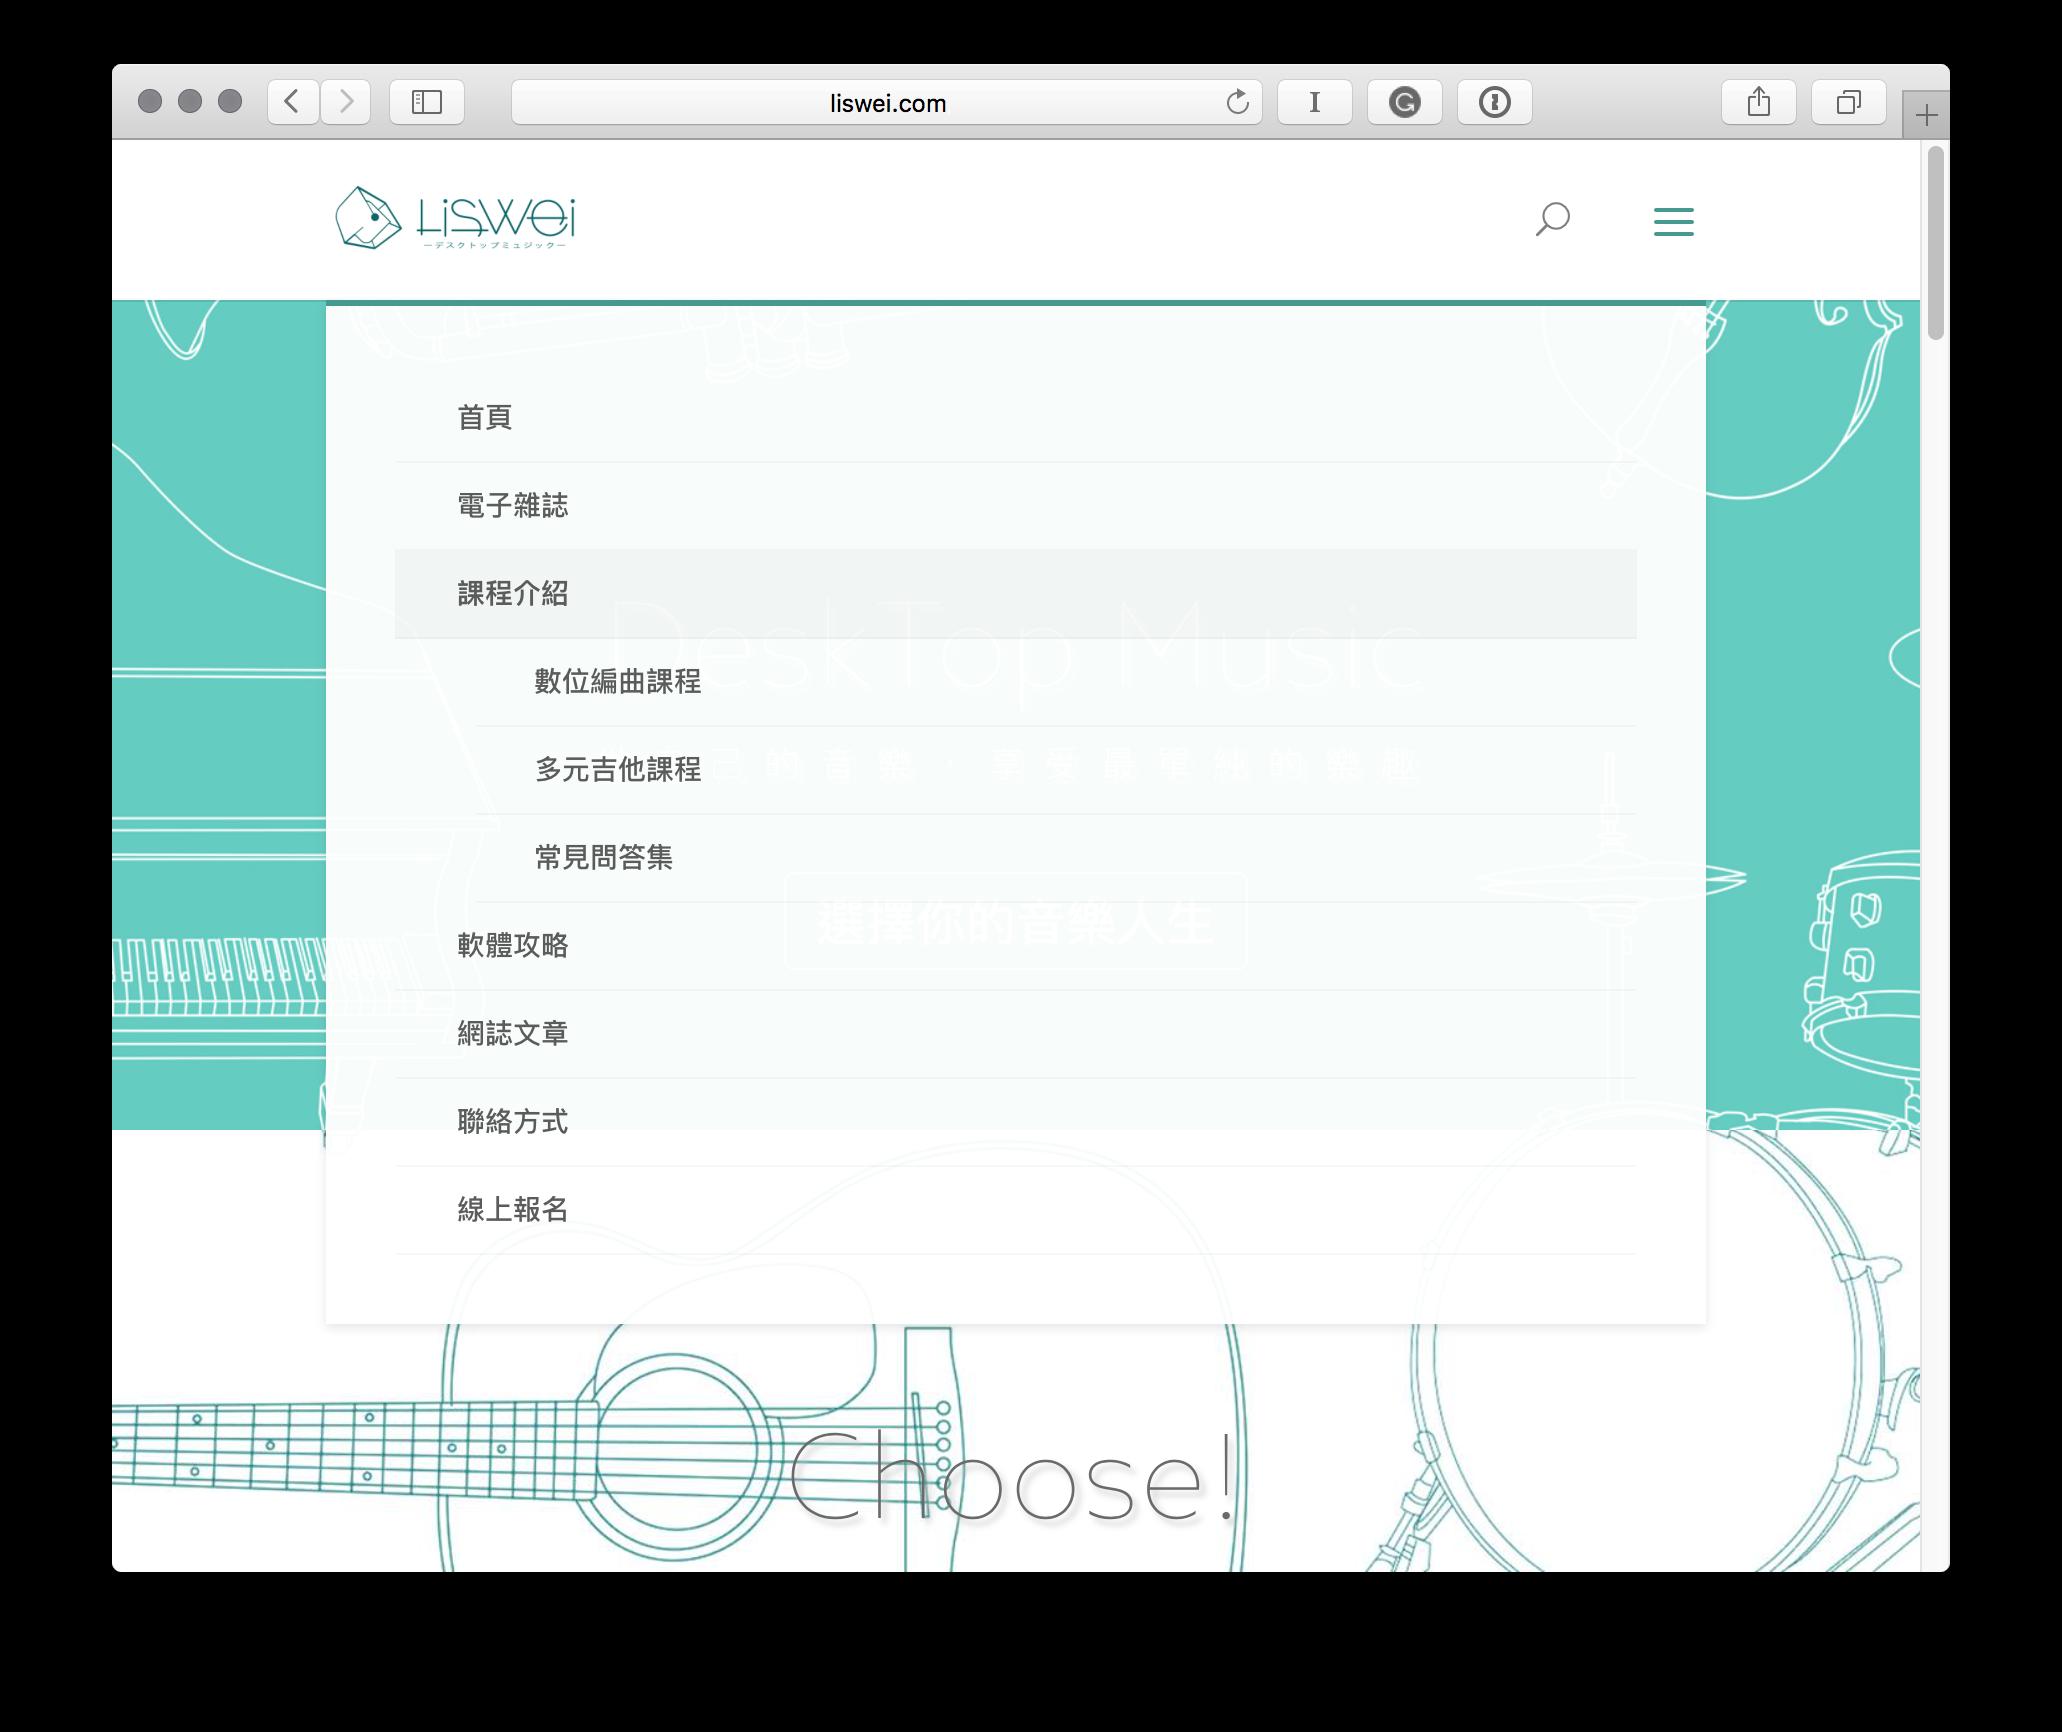 過去的網站選單除了改顏色以外,幾乎都直接使用 Theme 的原始設計。